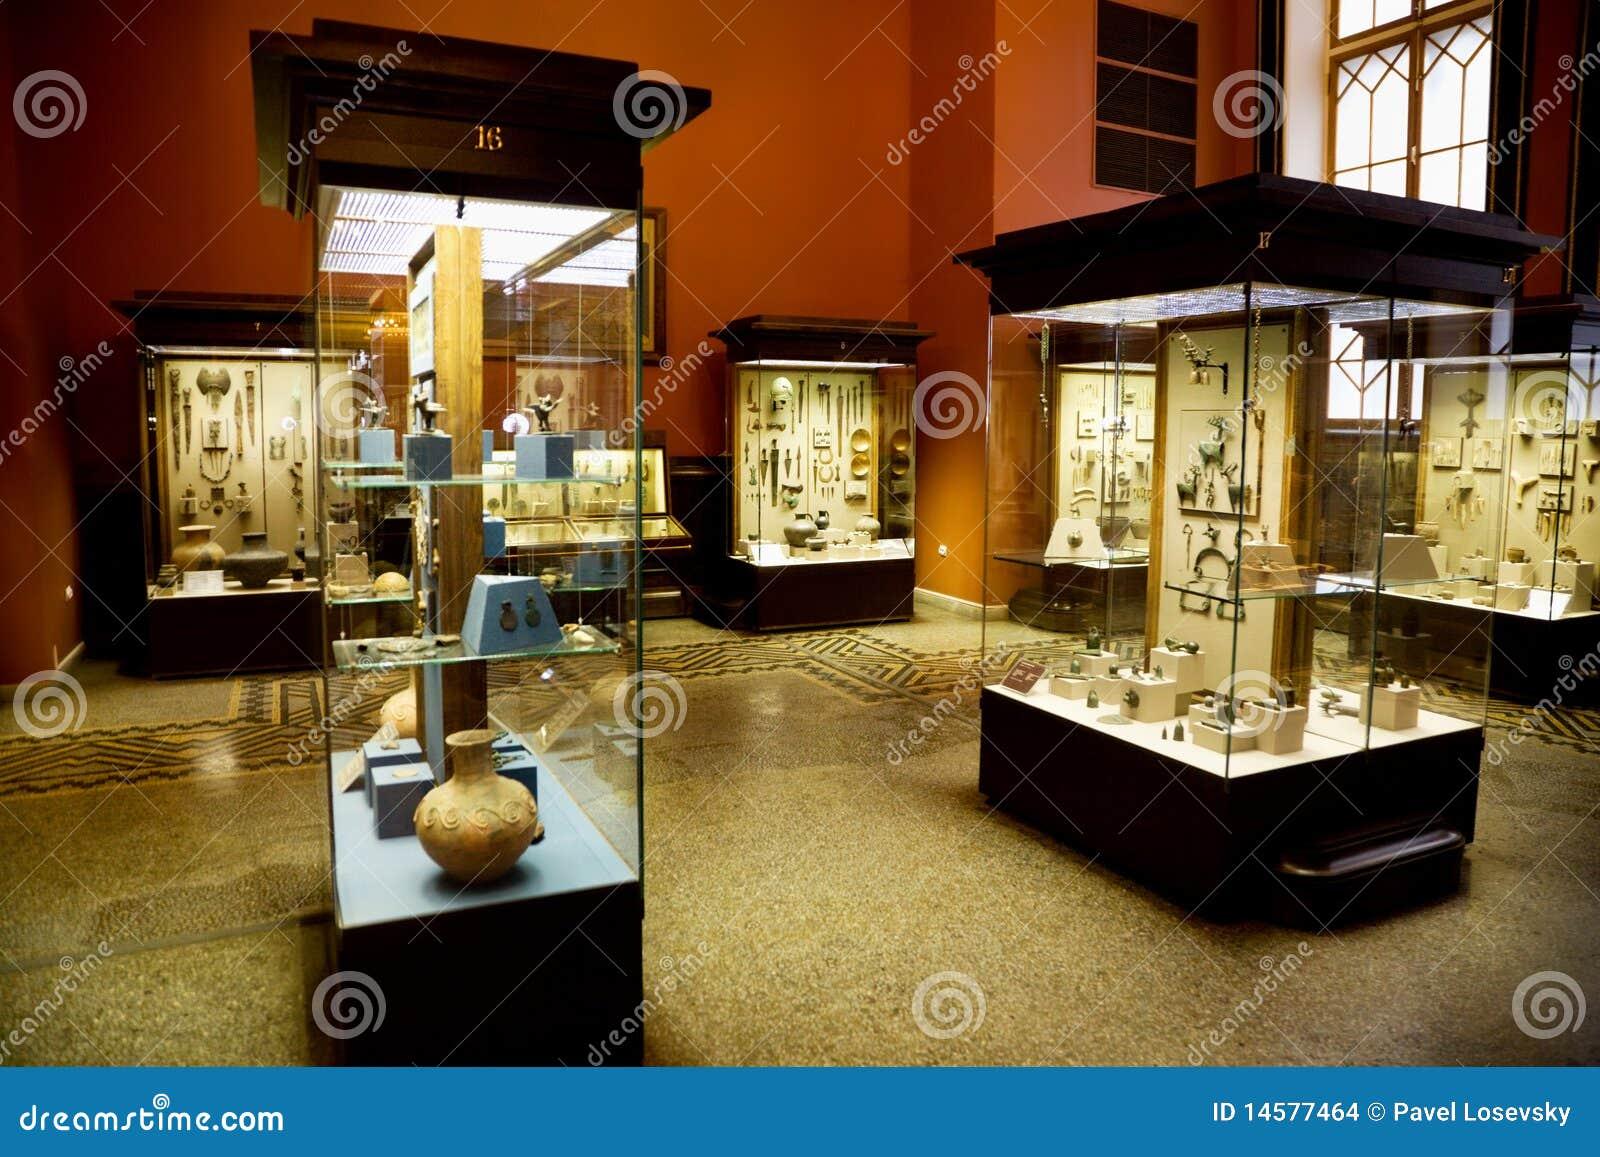 Objetos expuestos del museo de reliquias antiguas en los casos de cristal